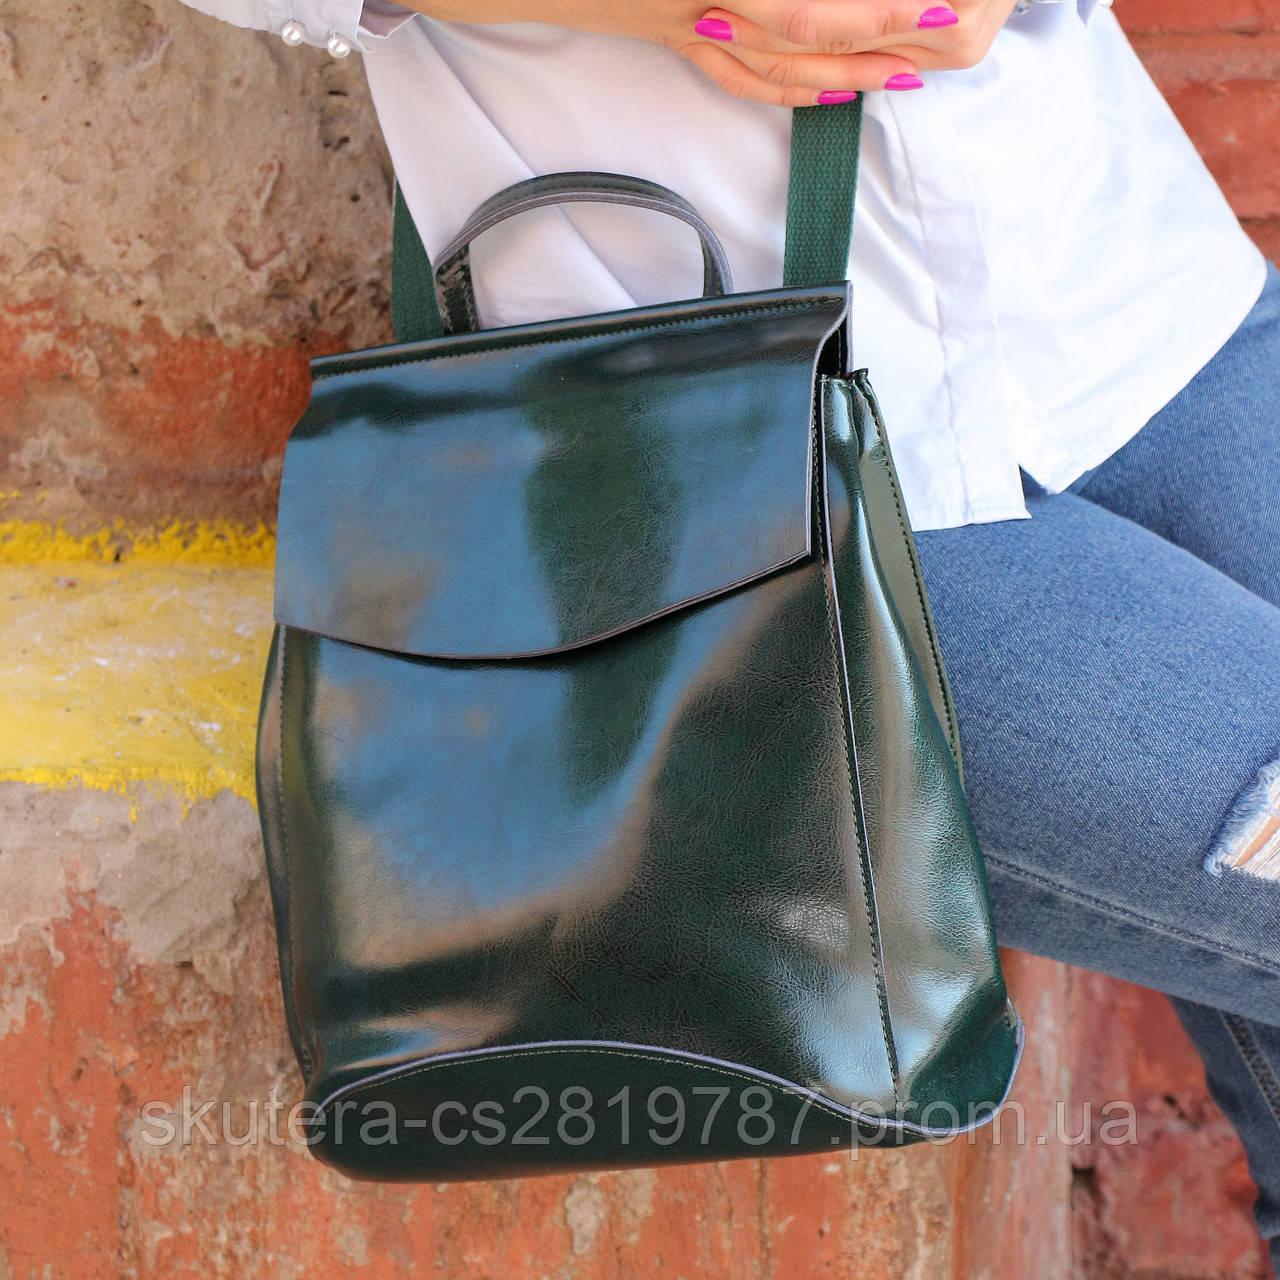 a75d8bd66c50 Женский кожаный рюкзак-сумка(трансформер)